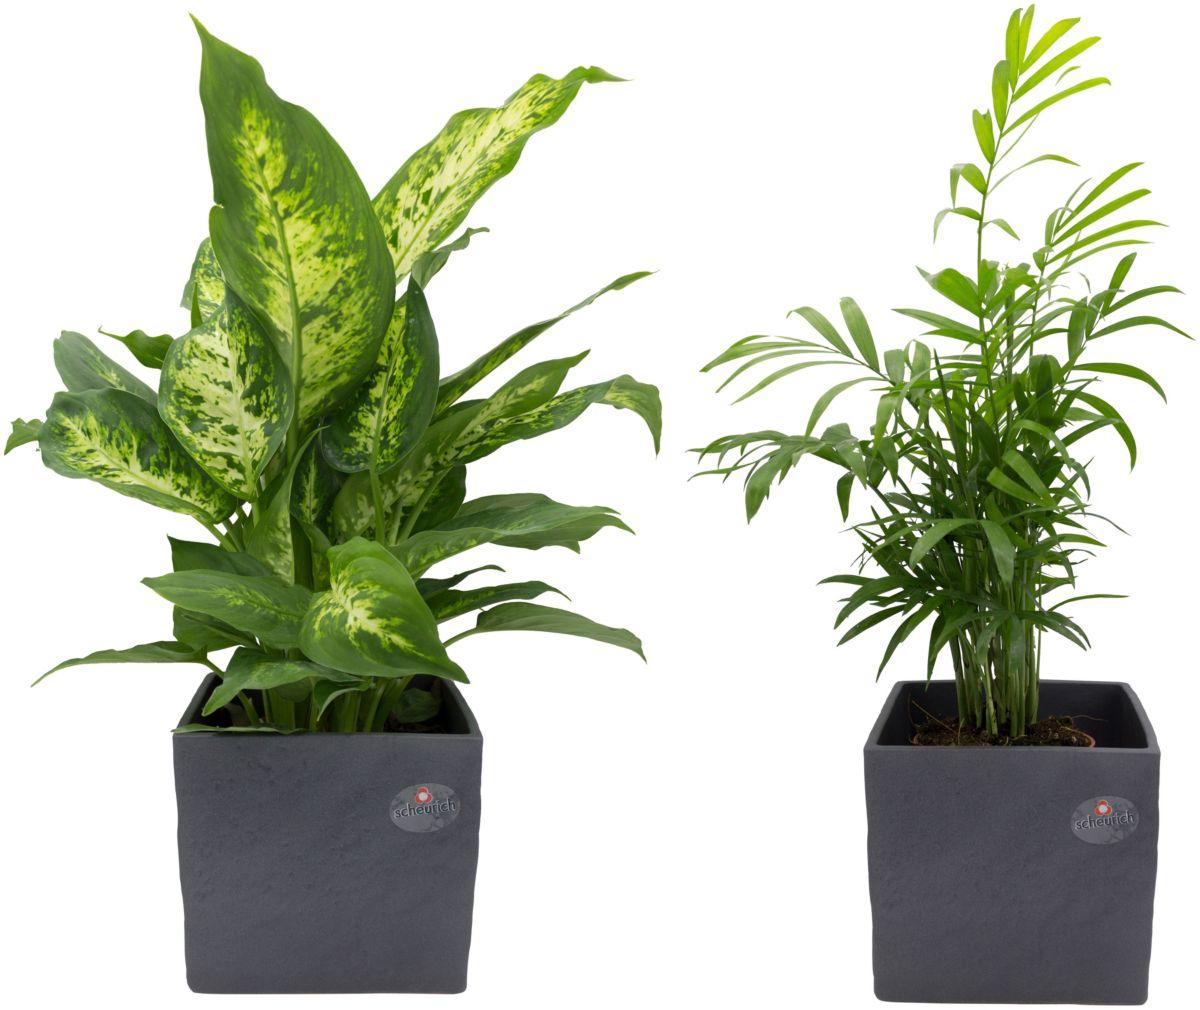 Zimmerpflanze »Palmen-Set«, Höhe: 30 cm, 2 Pfla...